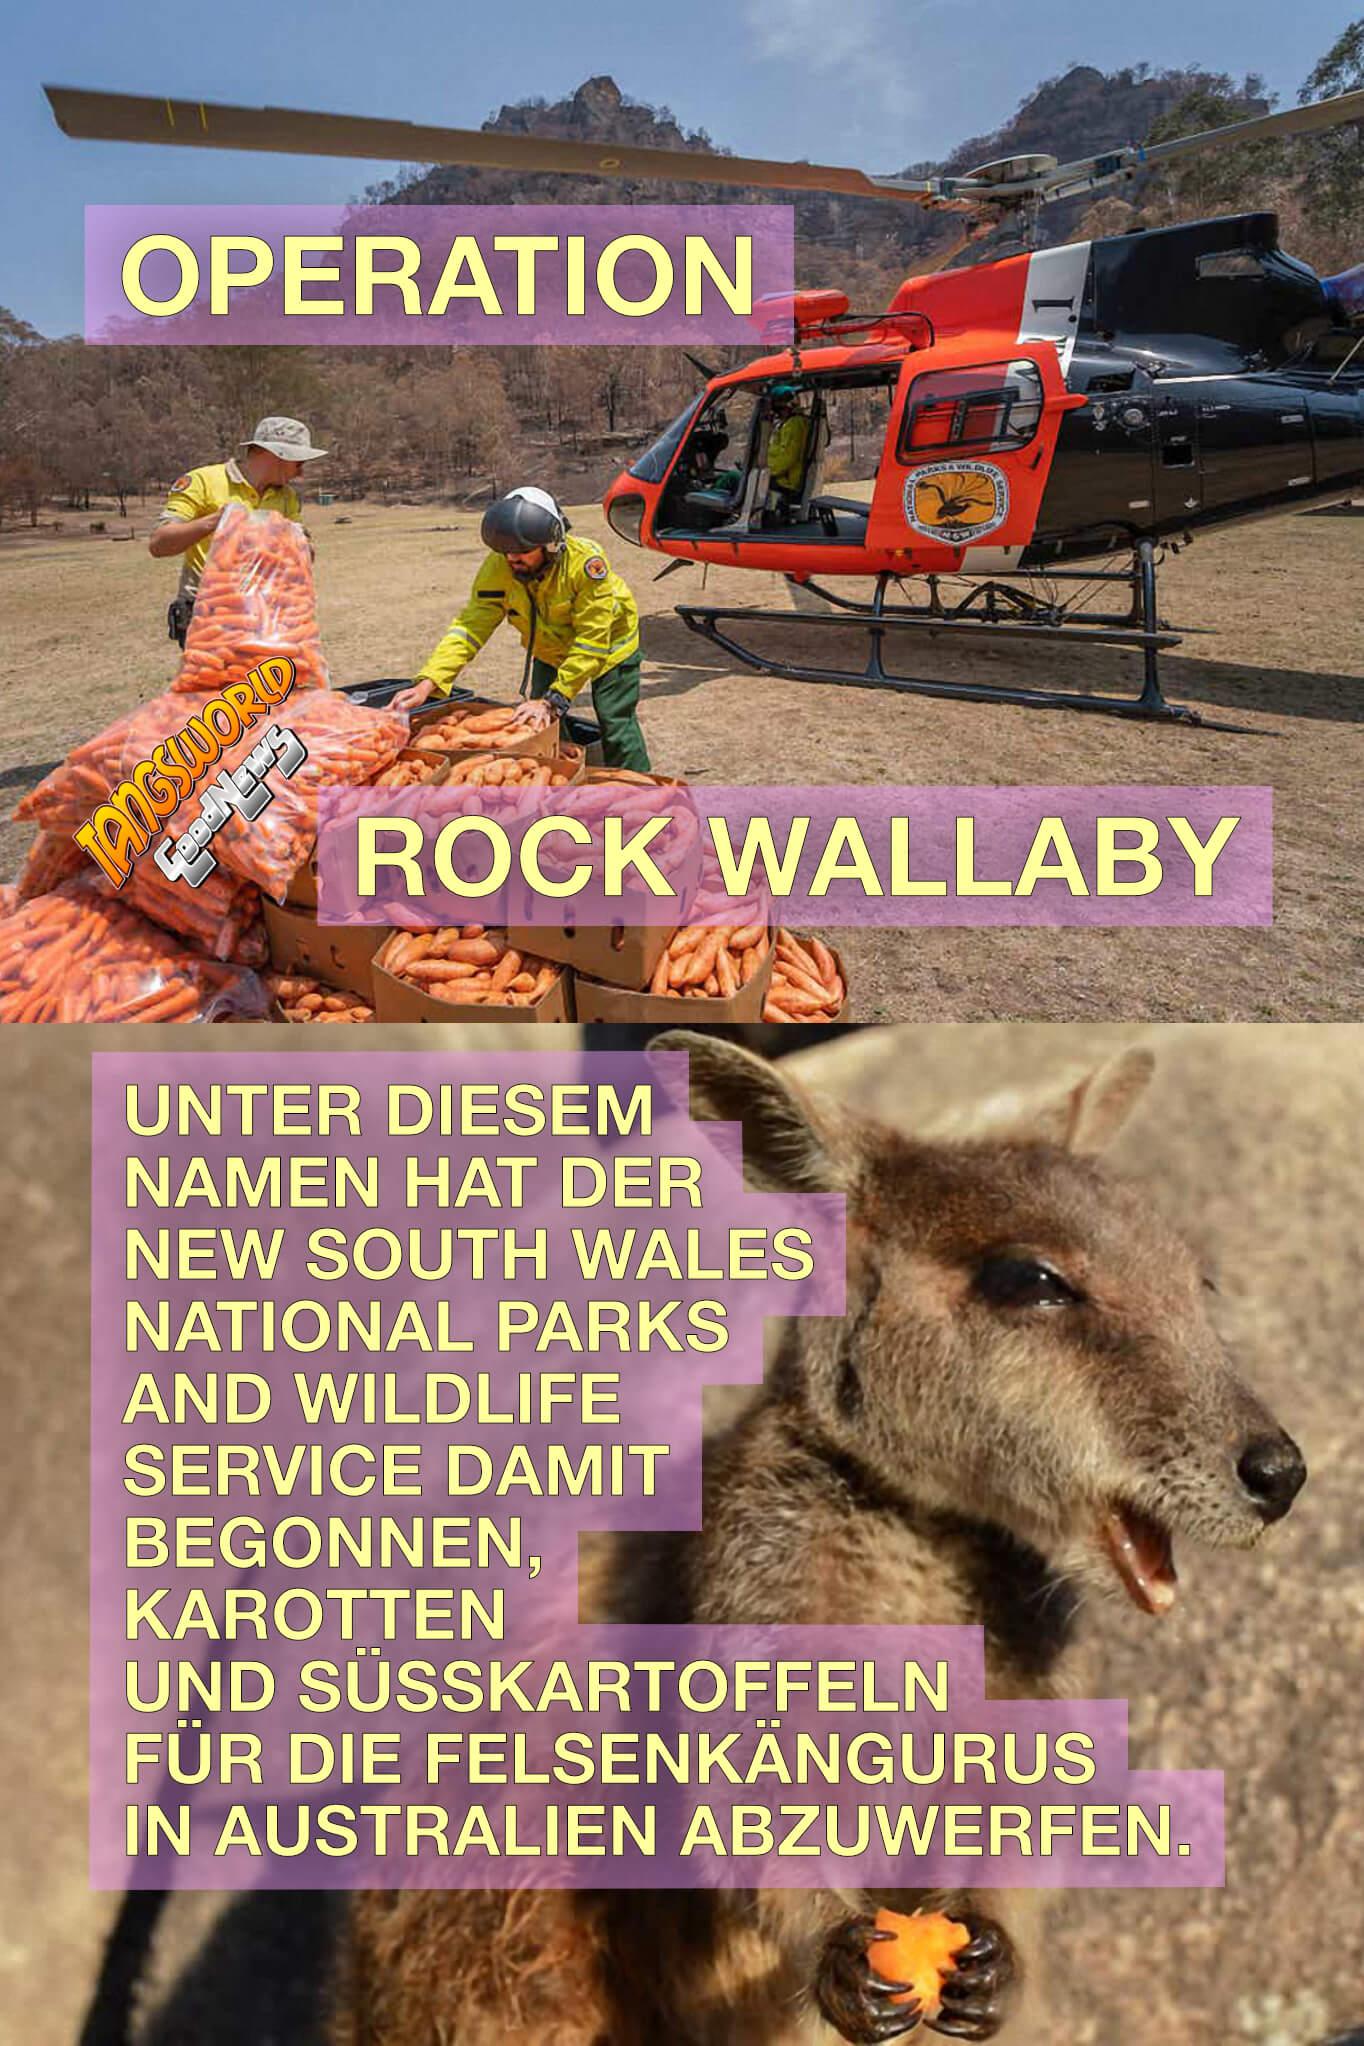 »Operation Rock Wallaby«. Unter diesem Namen hat der New South Wales National Parks and Wildlife Service damit begonnen, Karotten und Süßkartoffeln für die Felsenkängurus in Australien abzuwerfen. - GoodNews